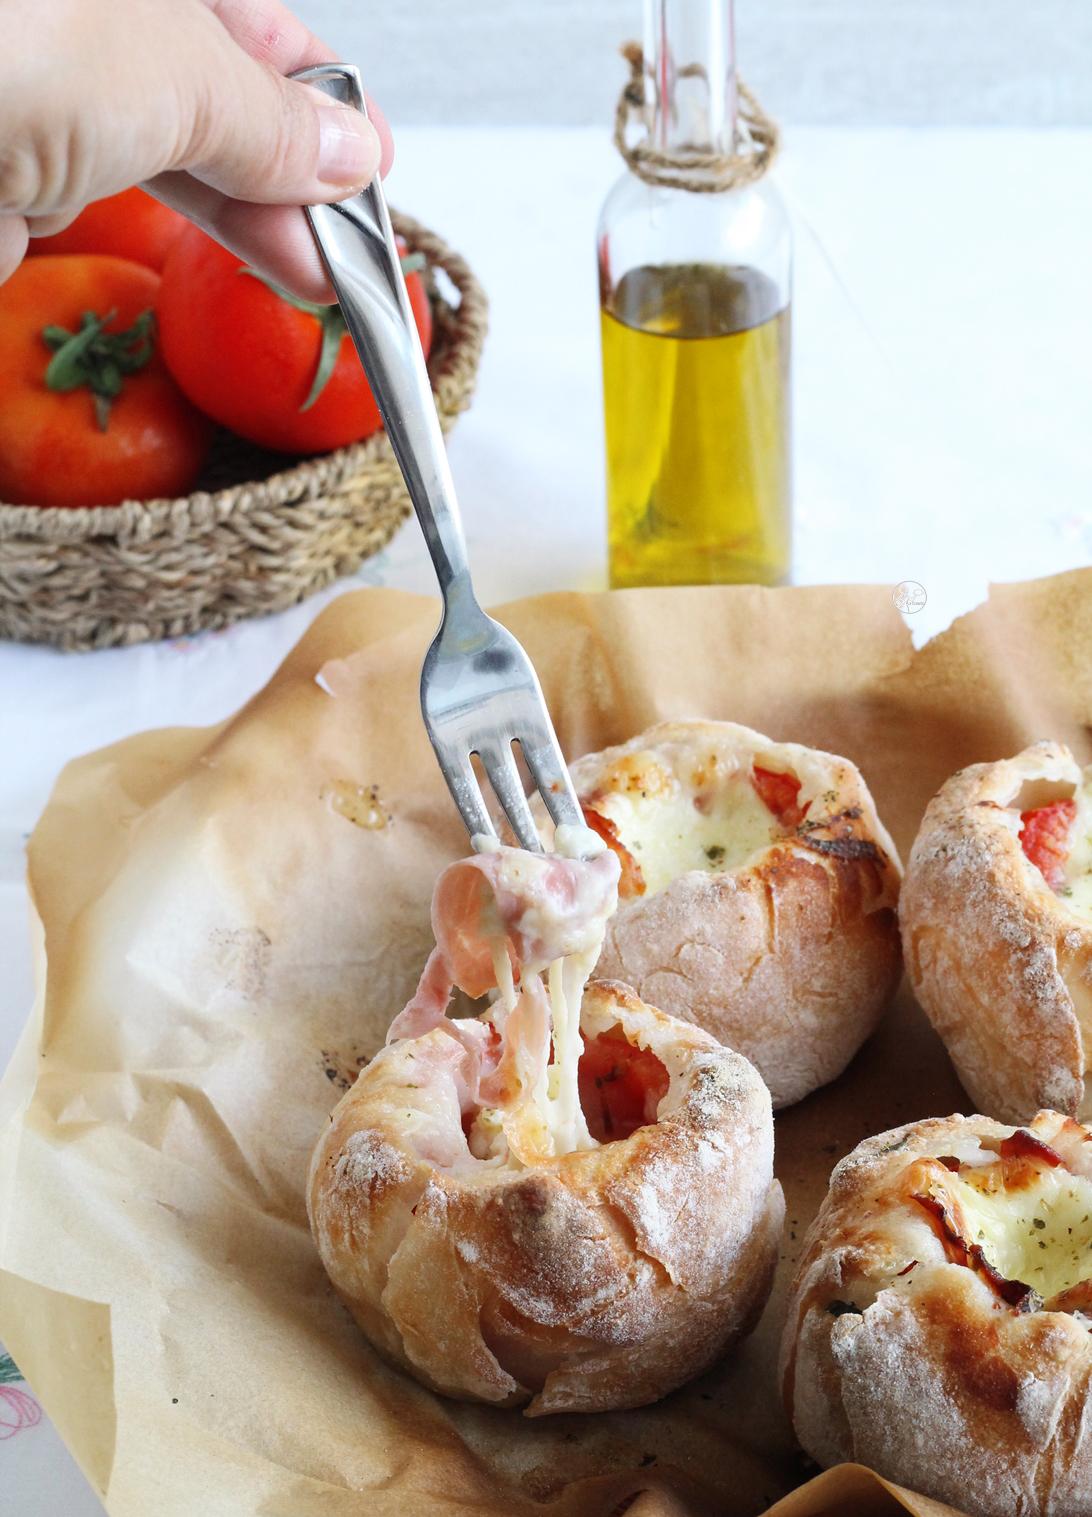 Cestini di pomodoro senza glutine - La Cassata Celiaca